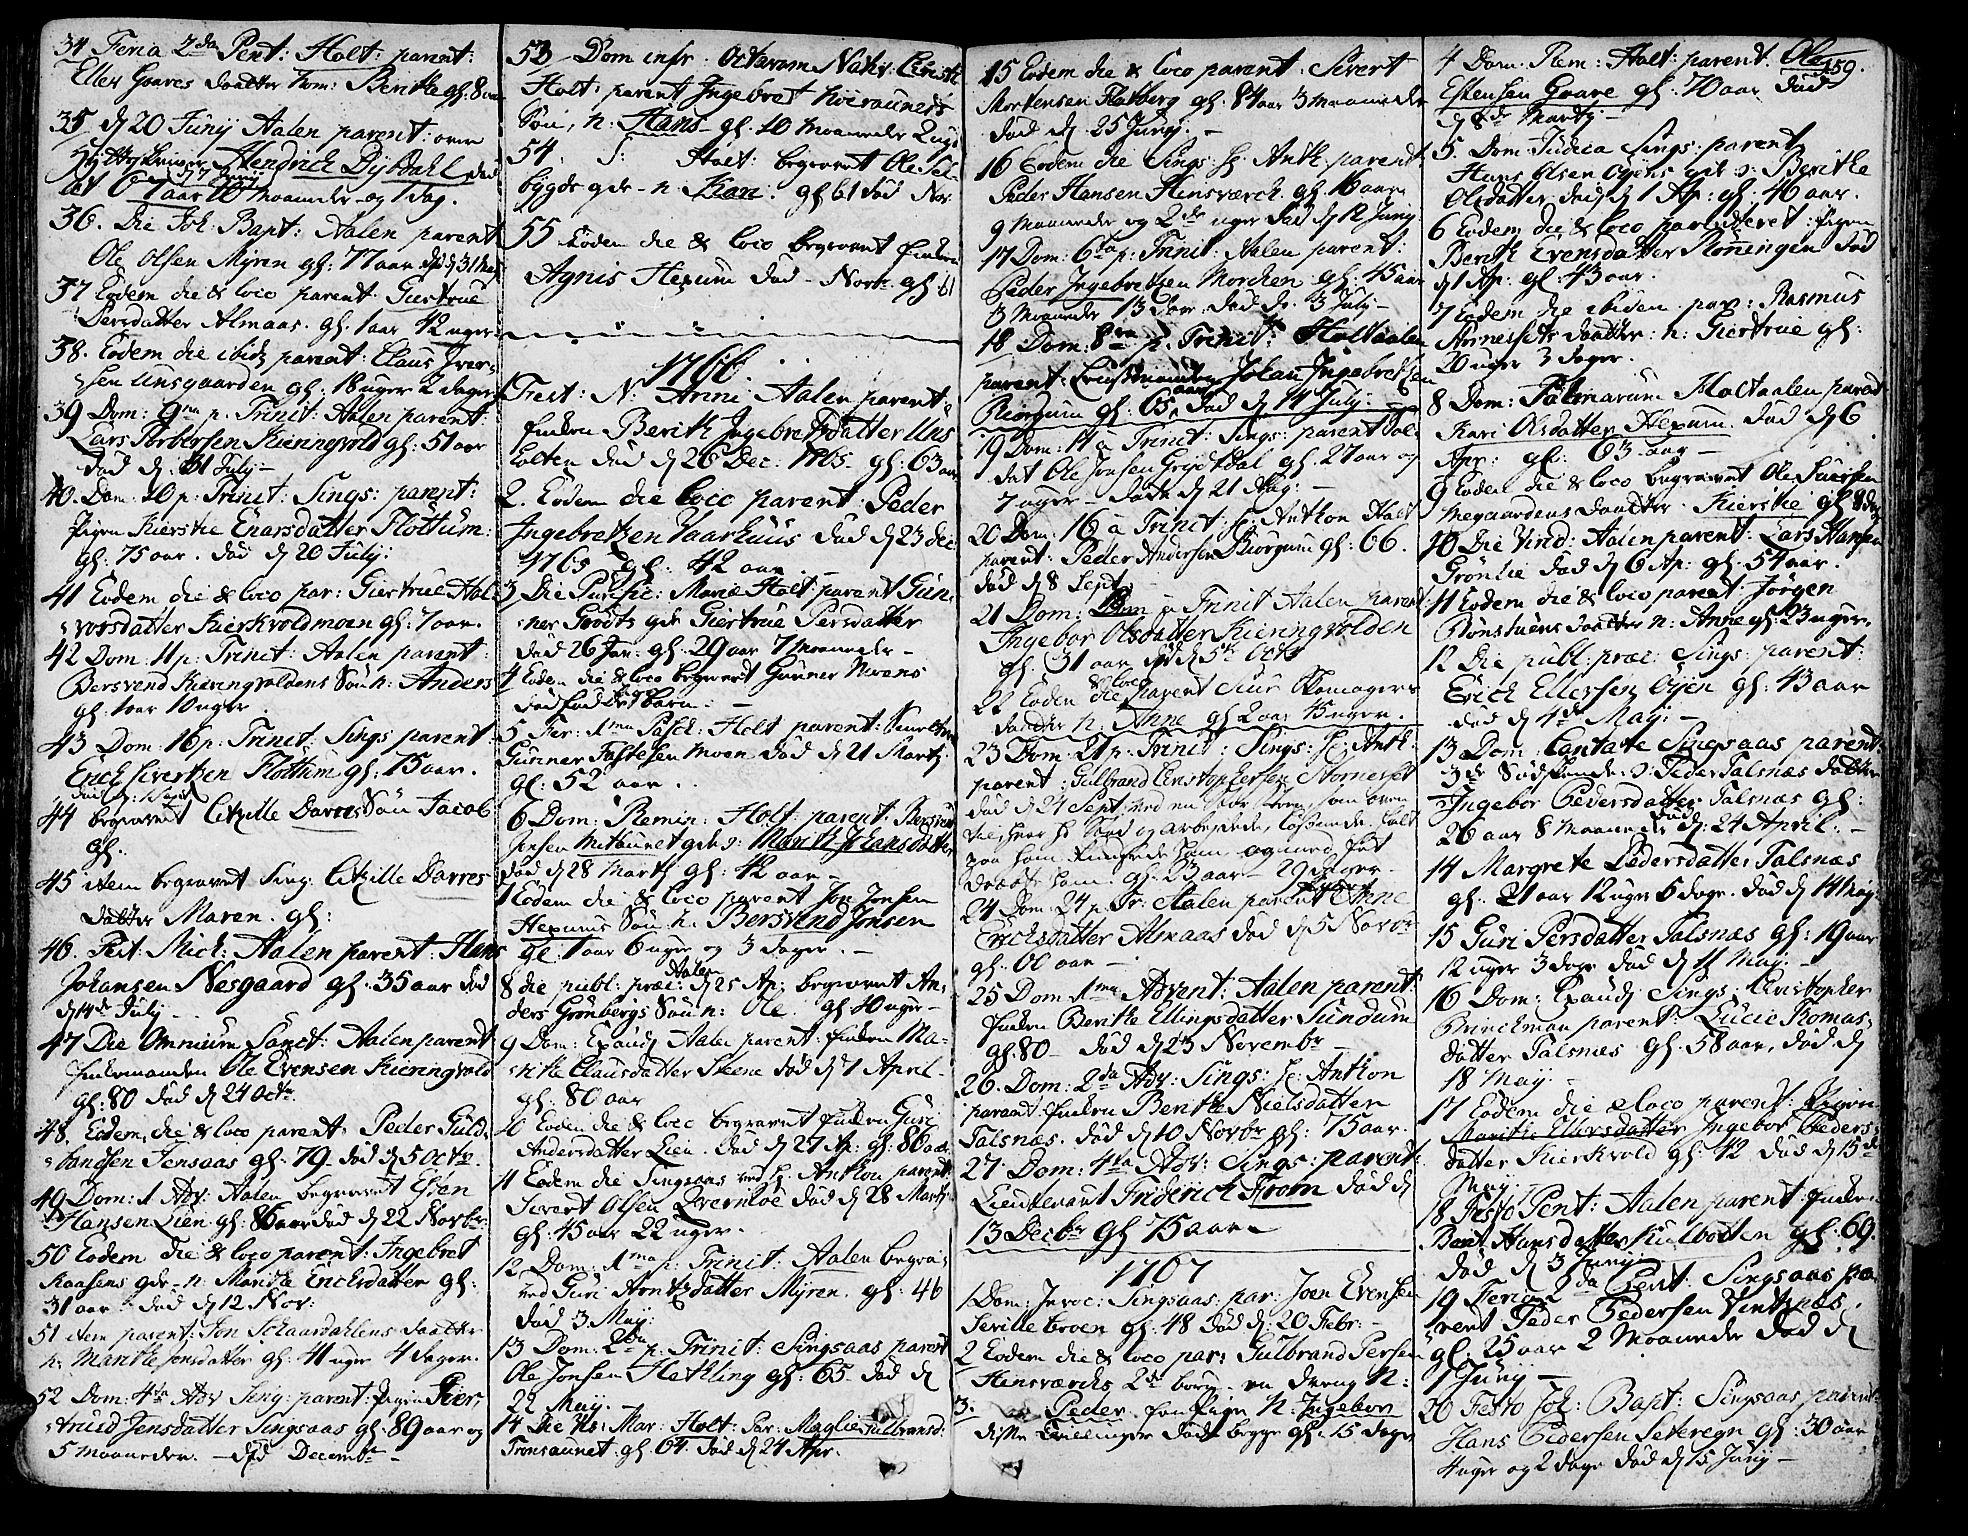 SAT, Ministerialprotokoller, klokkerbøker og fødselsregistre - Sør-Trøndelag, 685/L0952: Ministerialbok nr. 685A01, 1745-1804, s. 159